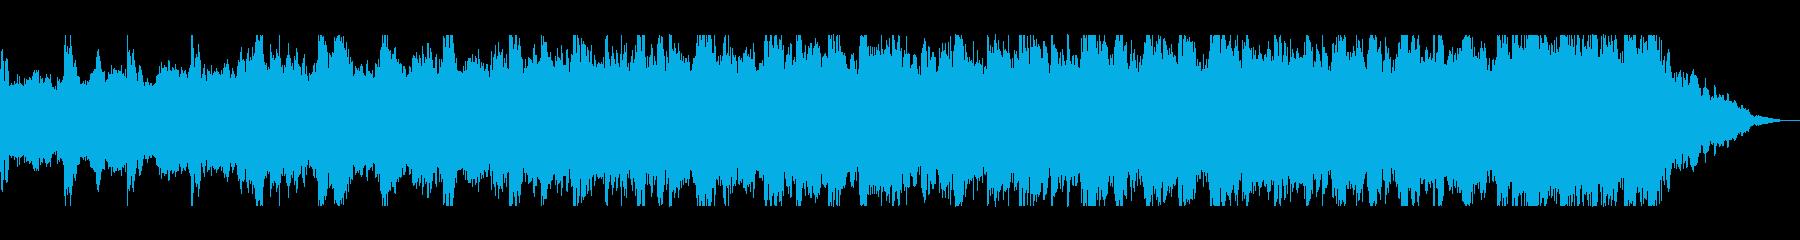 オーケストラのダイナミックサウンドの再生済みの波形